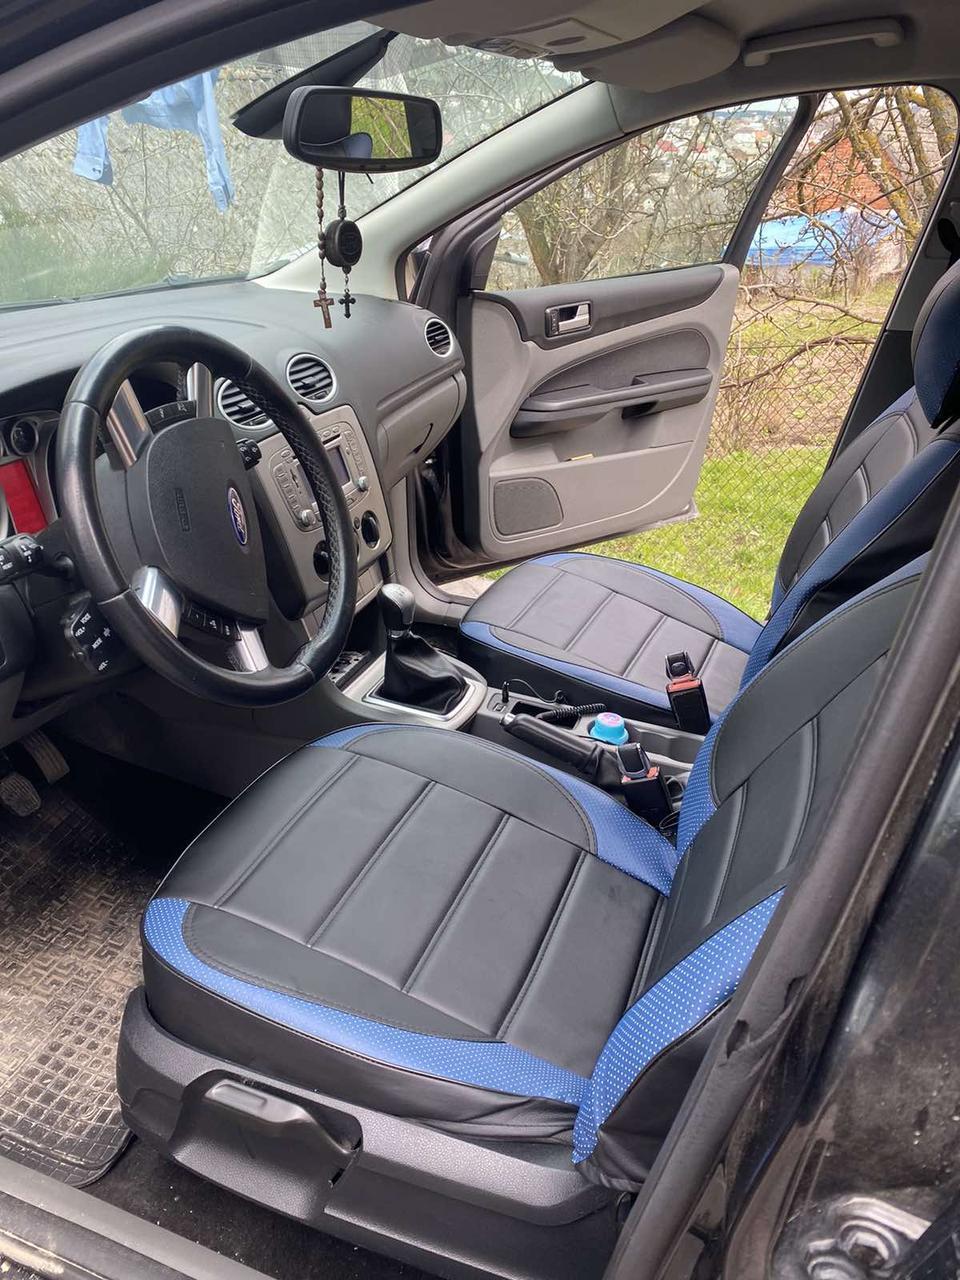 Чохли на сидіння Тойота РАВ 4 (Toyota RAV4) (модельні, MAX-L, окремий підголовник) Чорно-синій